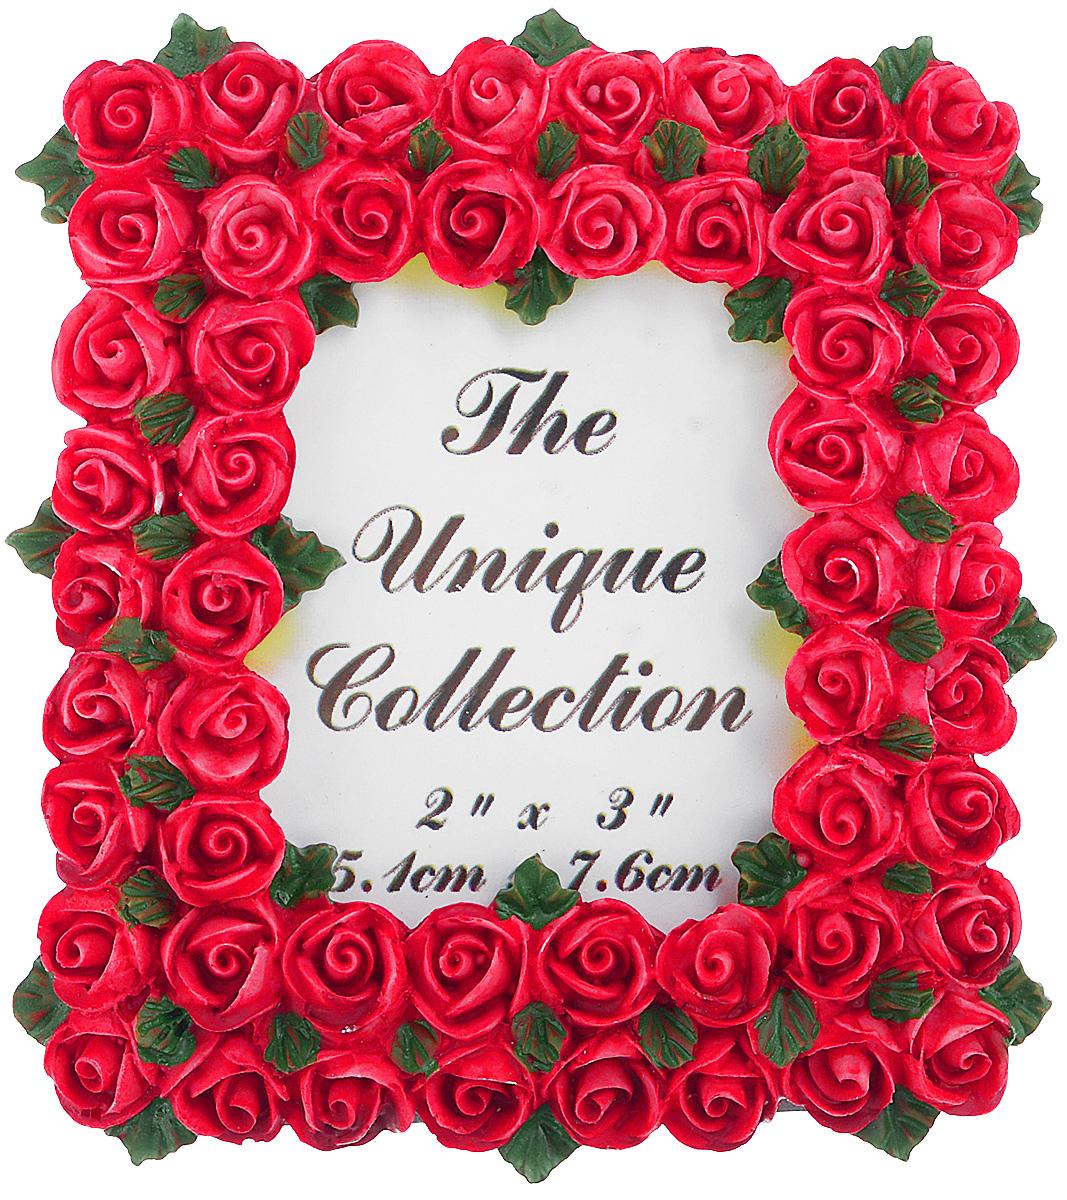 Декоративная фоторамка Home Queen Букет роз, цвет: ярко-розовый, 5,1 см х 7,6 смLSL-6101-01Декоративная фоторамка Home Queen Букет роз поможет вам оригинально дополнить интерьер помещения. Фоторамка декорирована изображением роз. Задняя сторона оснащена ножкой для размещения на столе.Такая рамка позволит сохранить на память изображения дорогих вам людей и интересных событий вашей жизни, а также станет приятным подарком для каждого. Размер фотографии: 5,1 см х 7,6 см.Размер фоторамки: 8 см х 8,5 см.